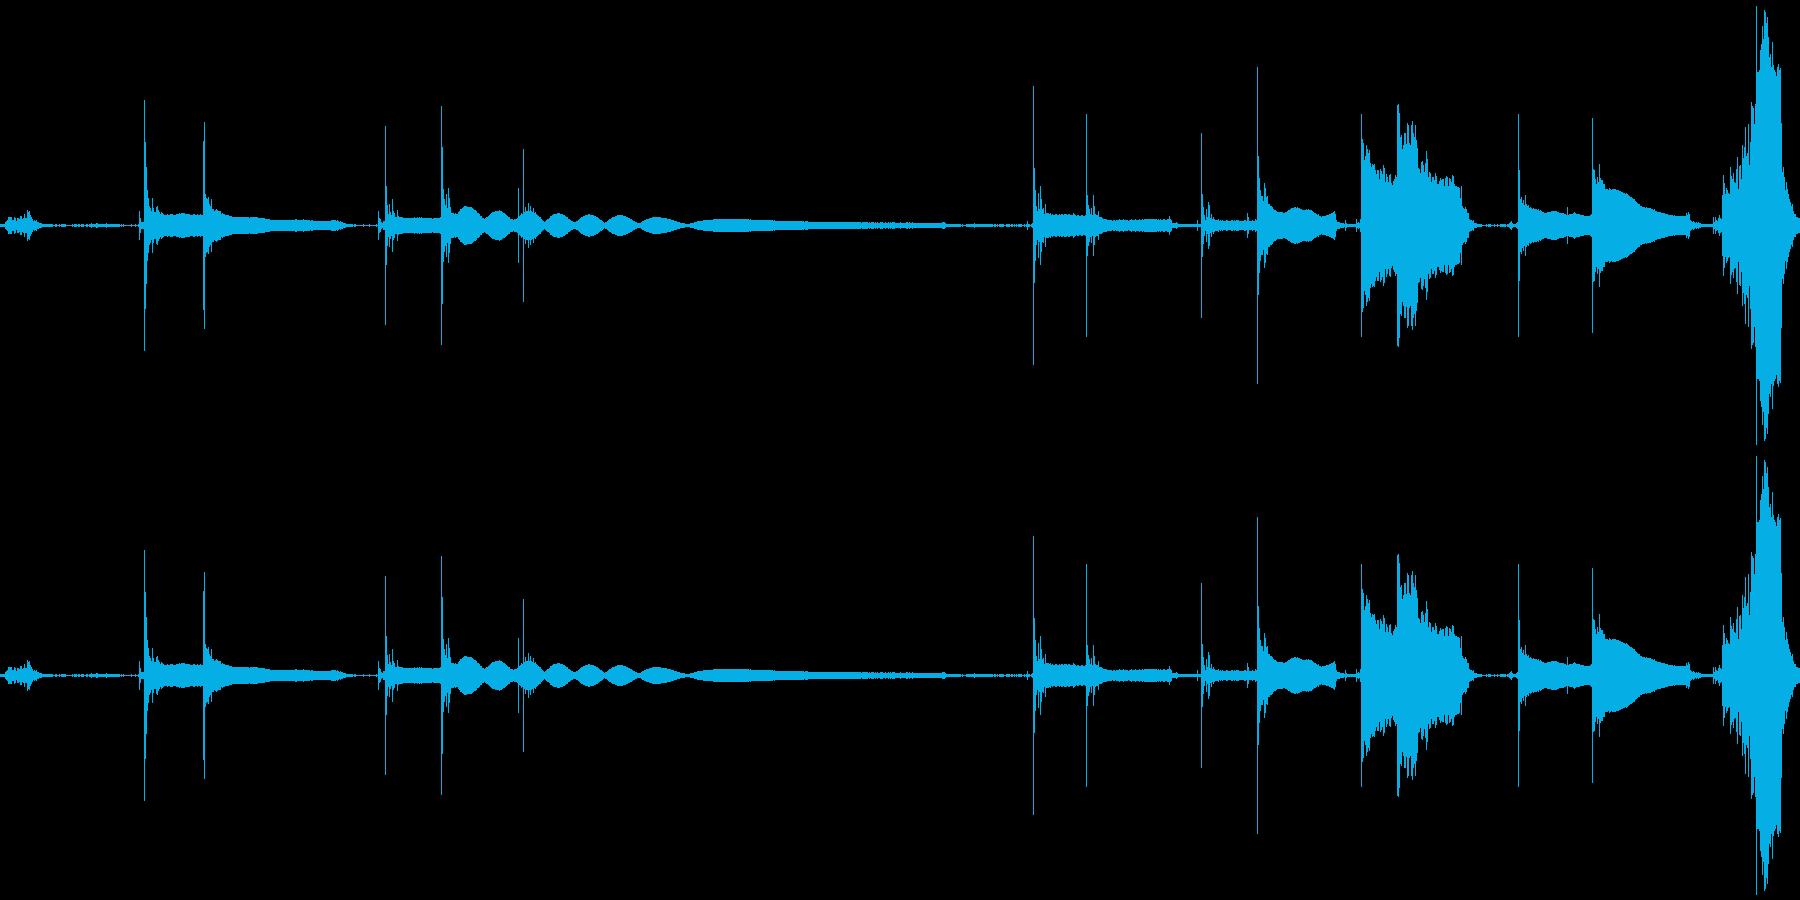 【ギターチューニング音】その②の再生済みの波形